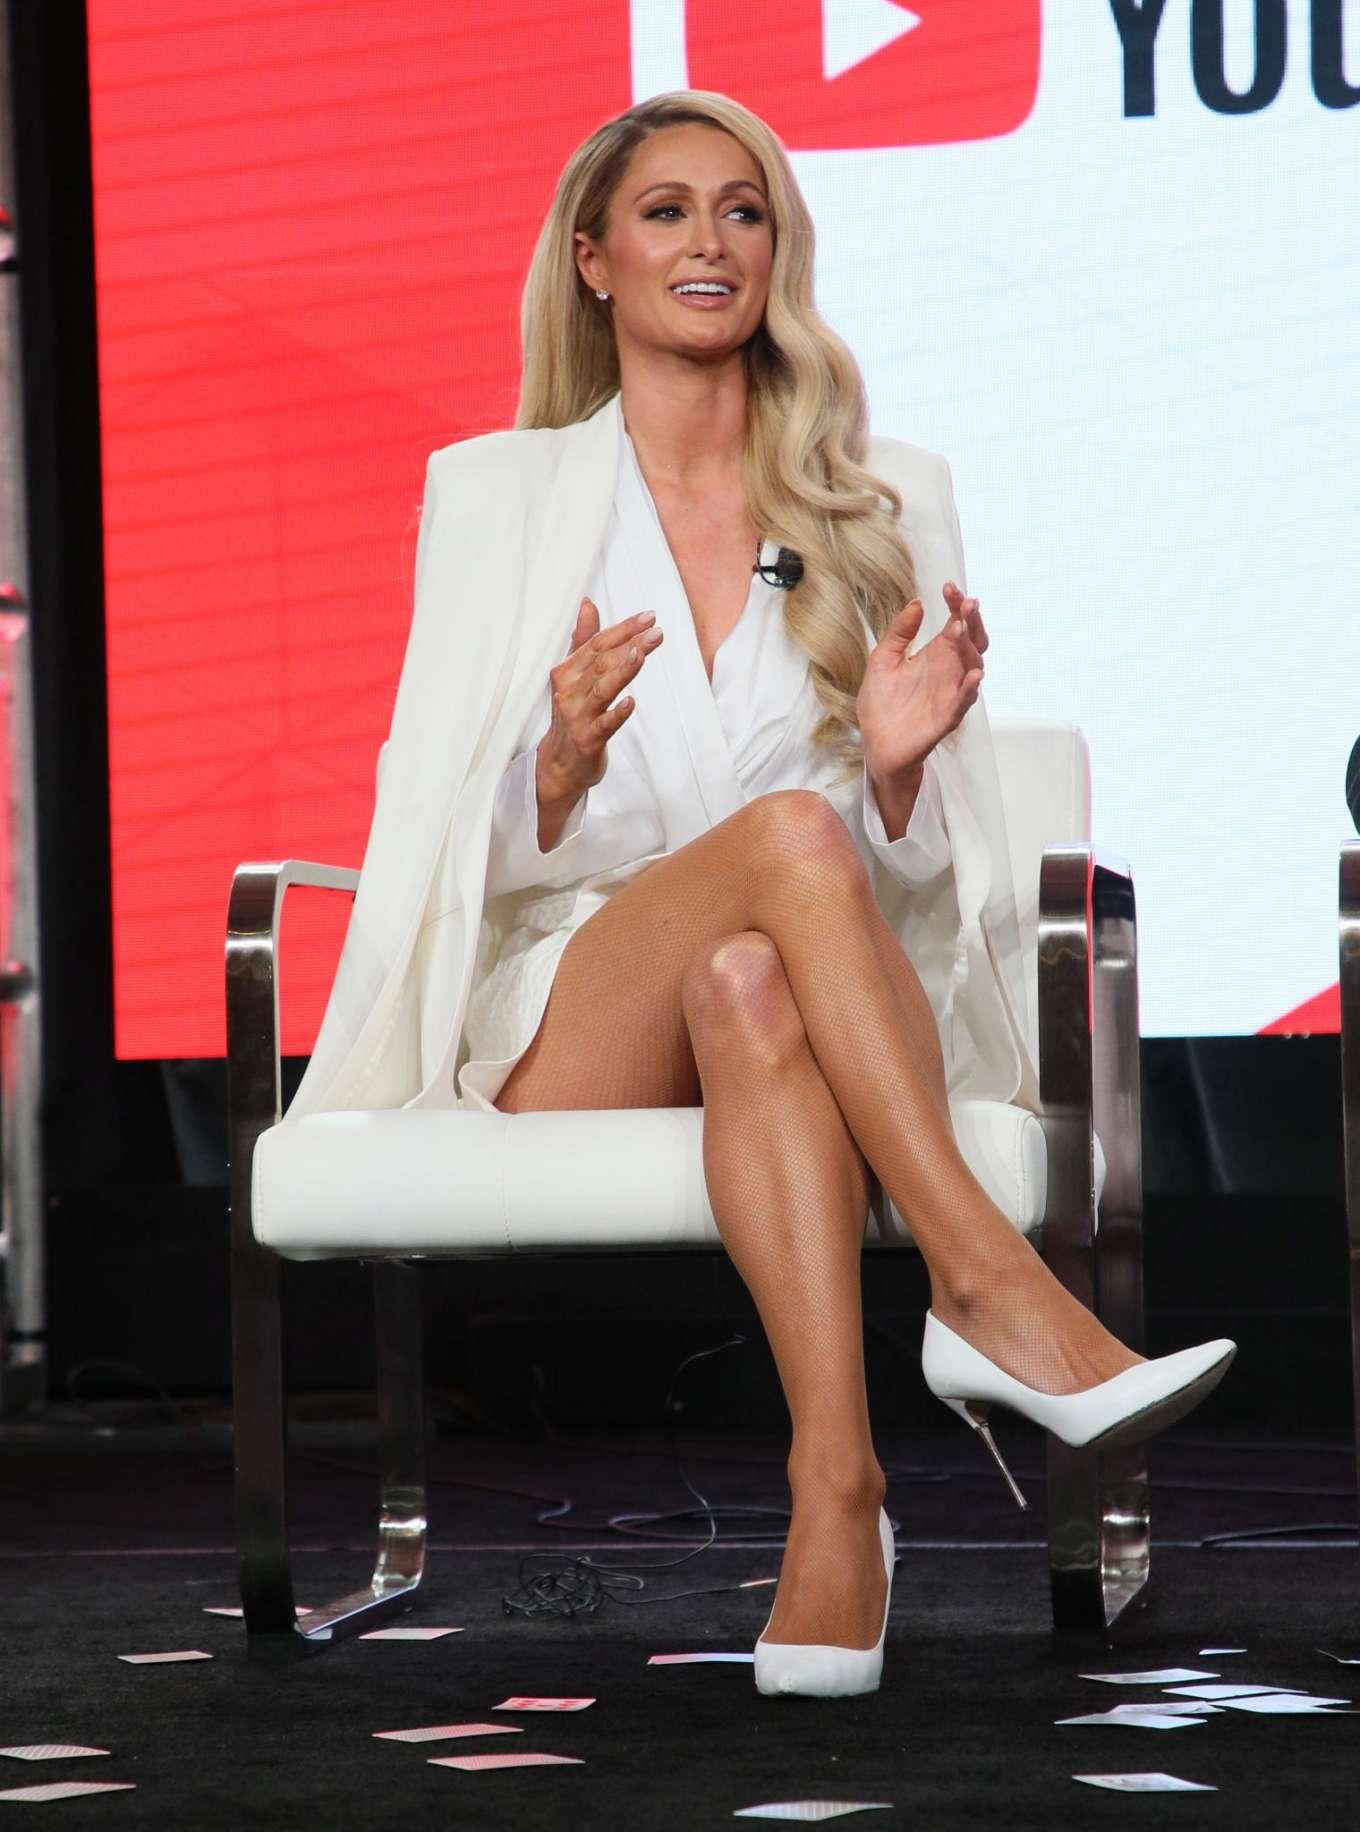 Paris Hilton - YouTube segment of the 2020 Winter TCA Tour in Pasadena